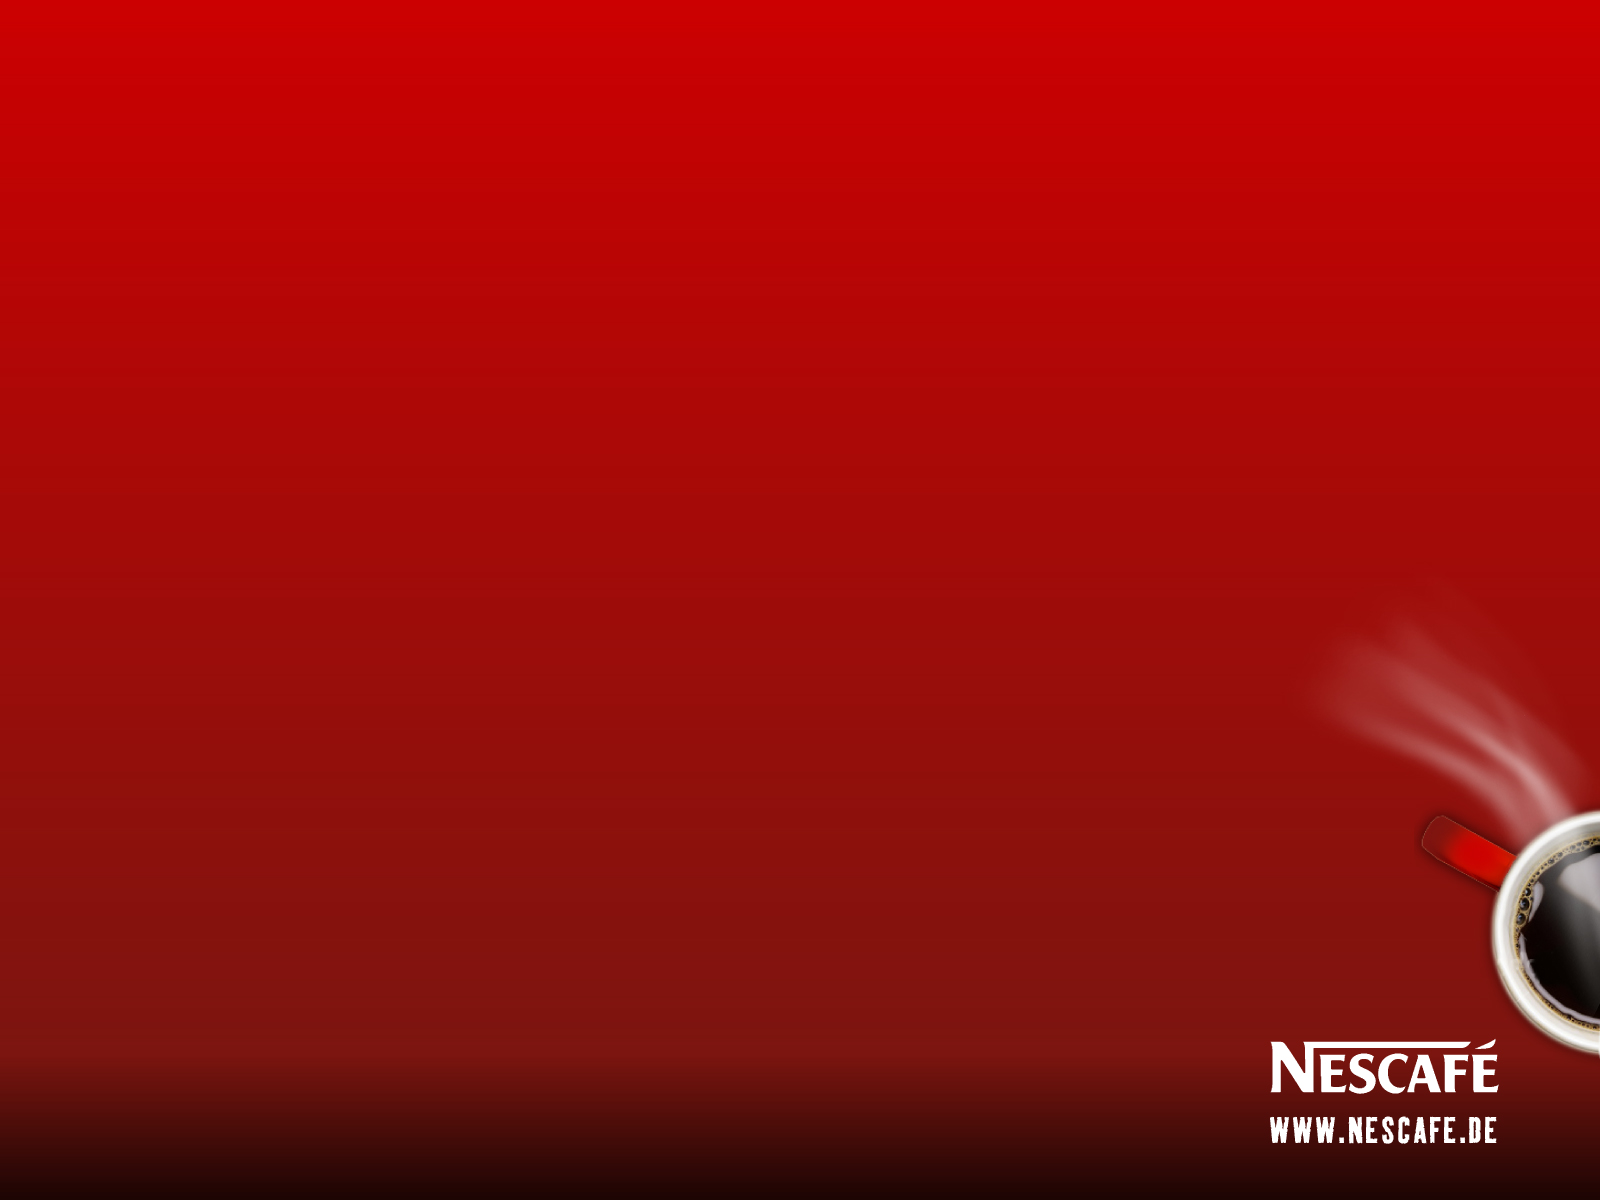 red wallpaper, скачать обои для рабочего стола, Nescafe, coffee, кофе